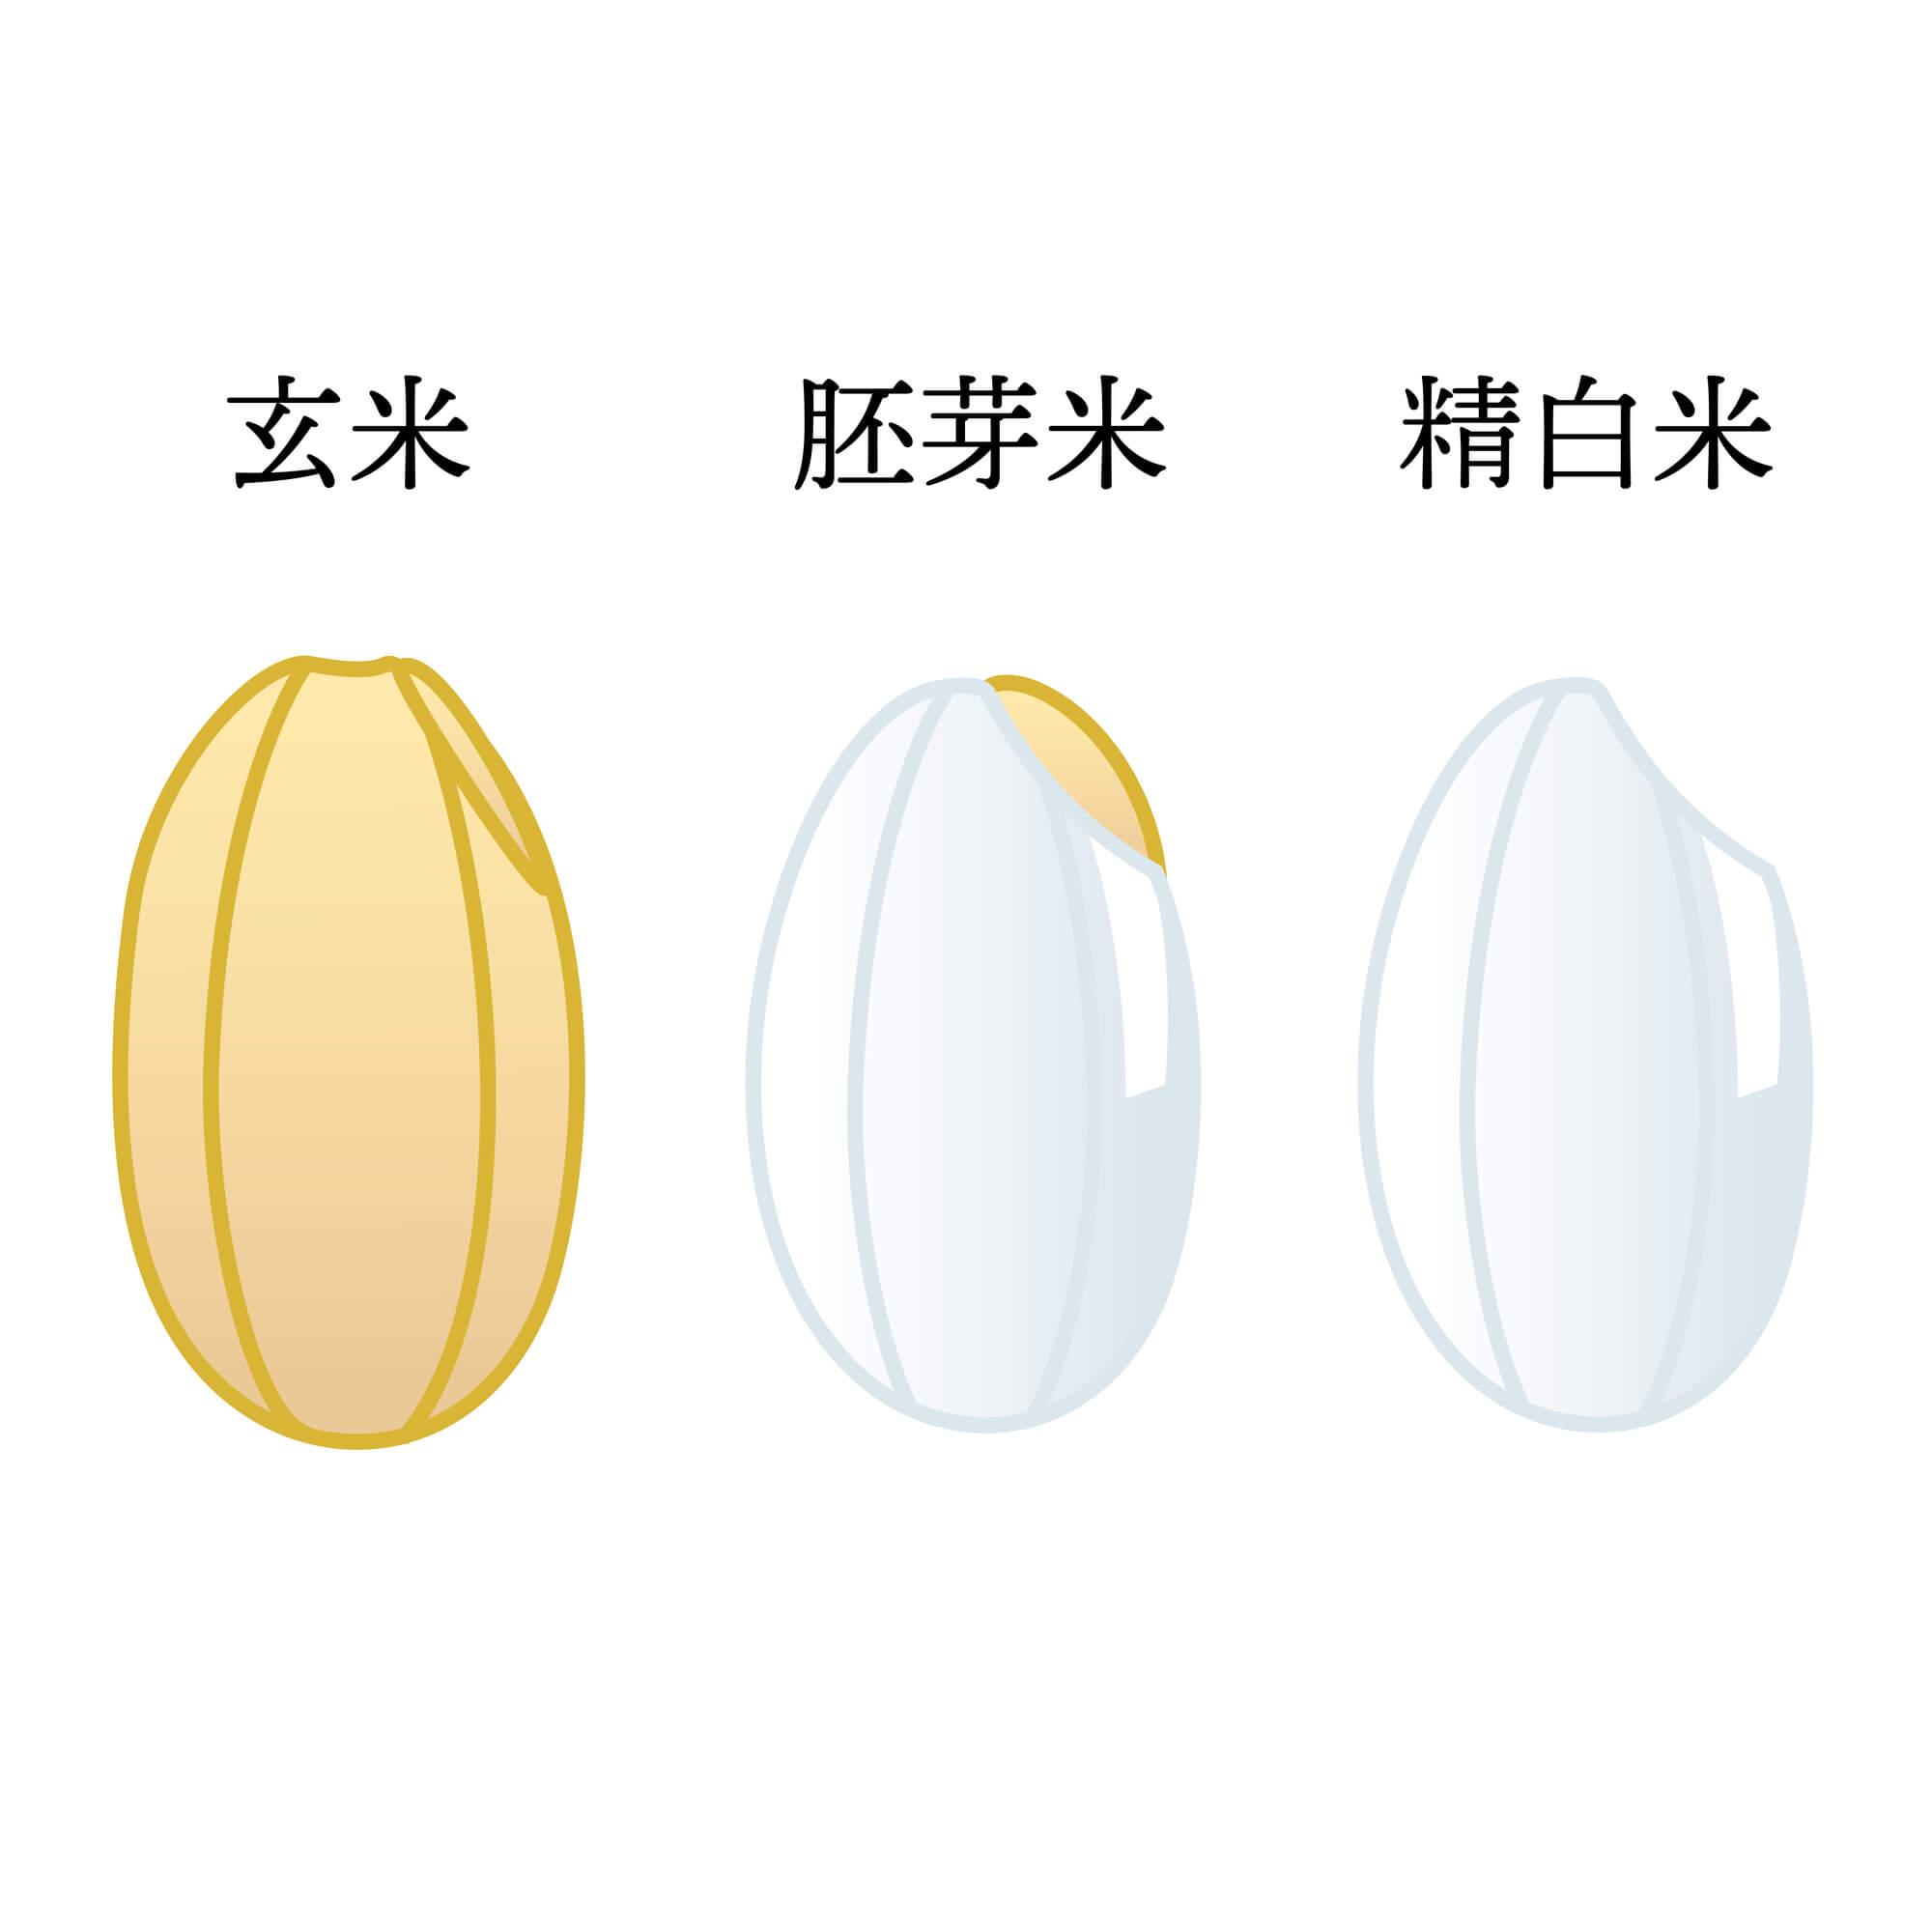 胚芽米とはどんなお米?胚芽米で得られるメリットなどご紹介!